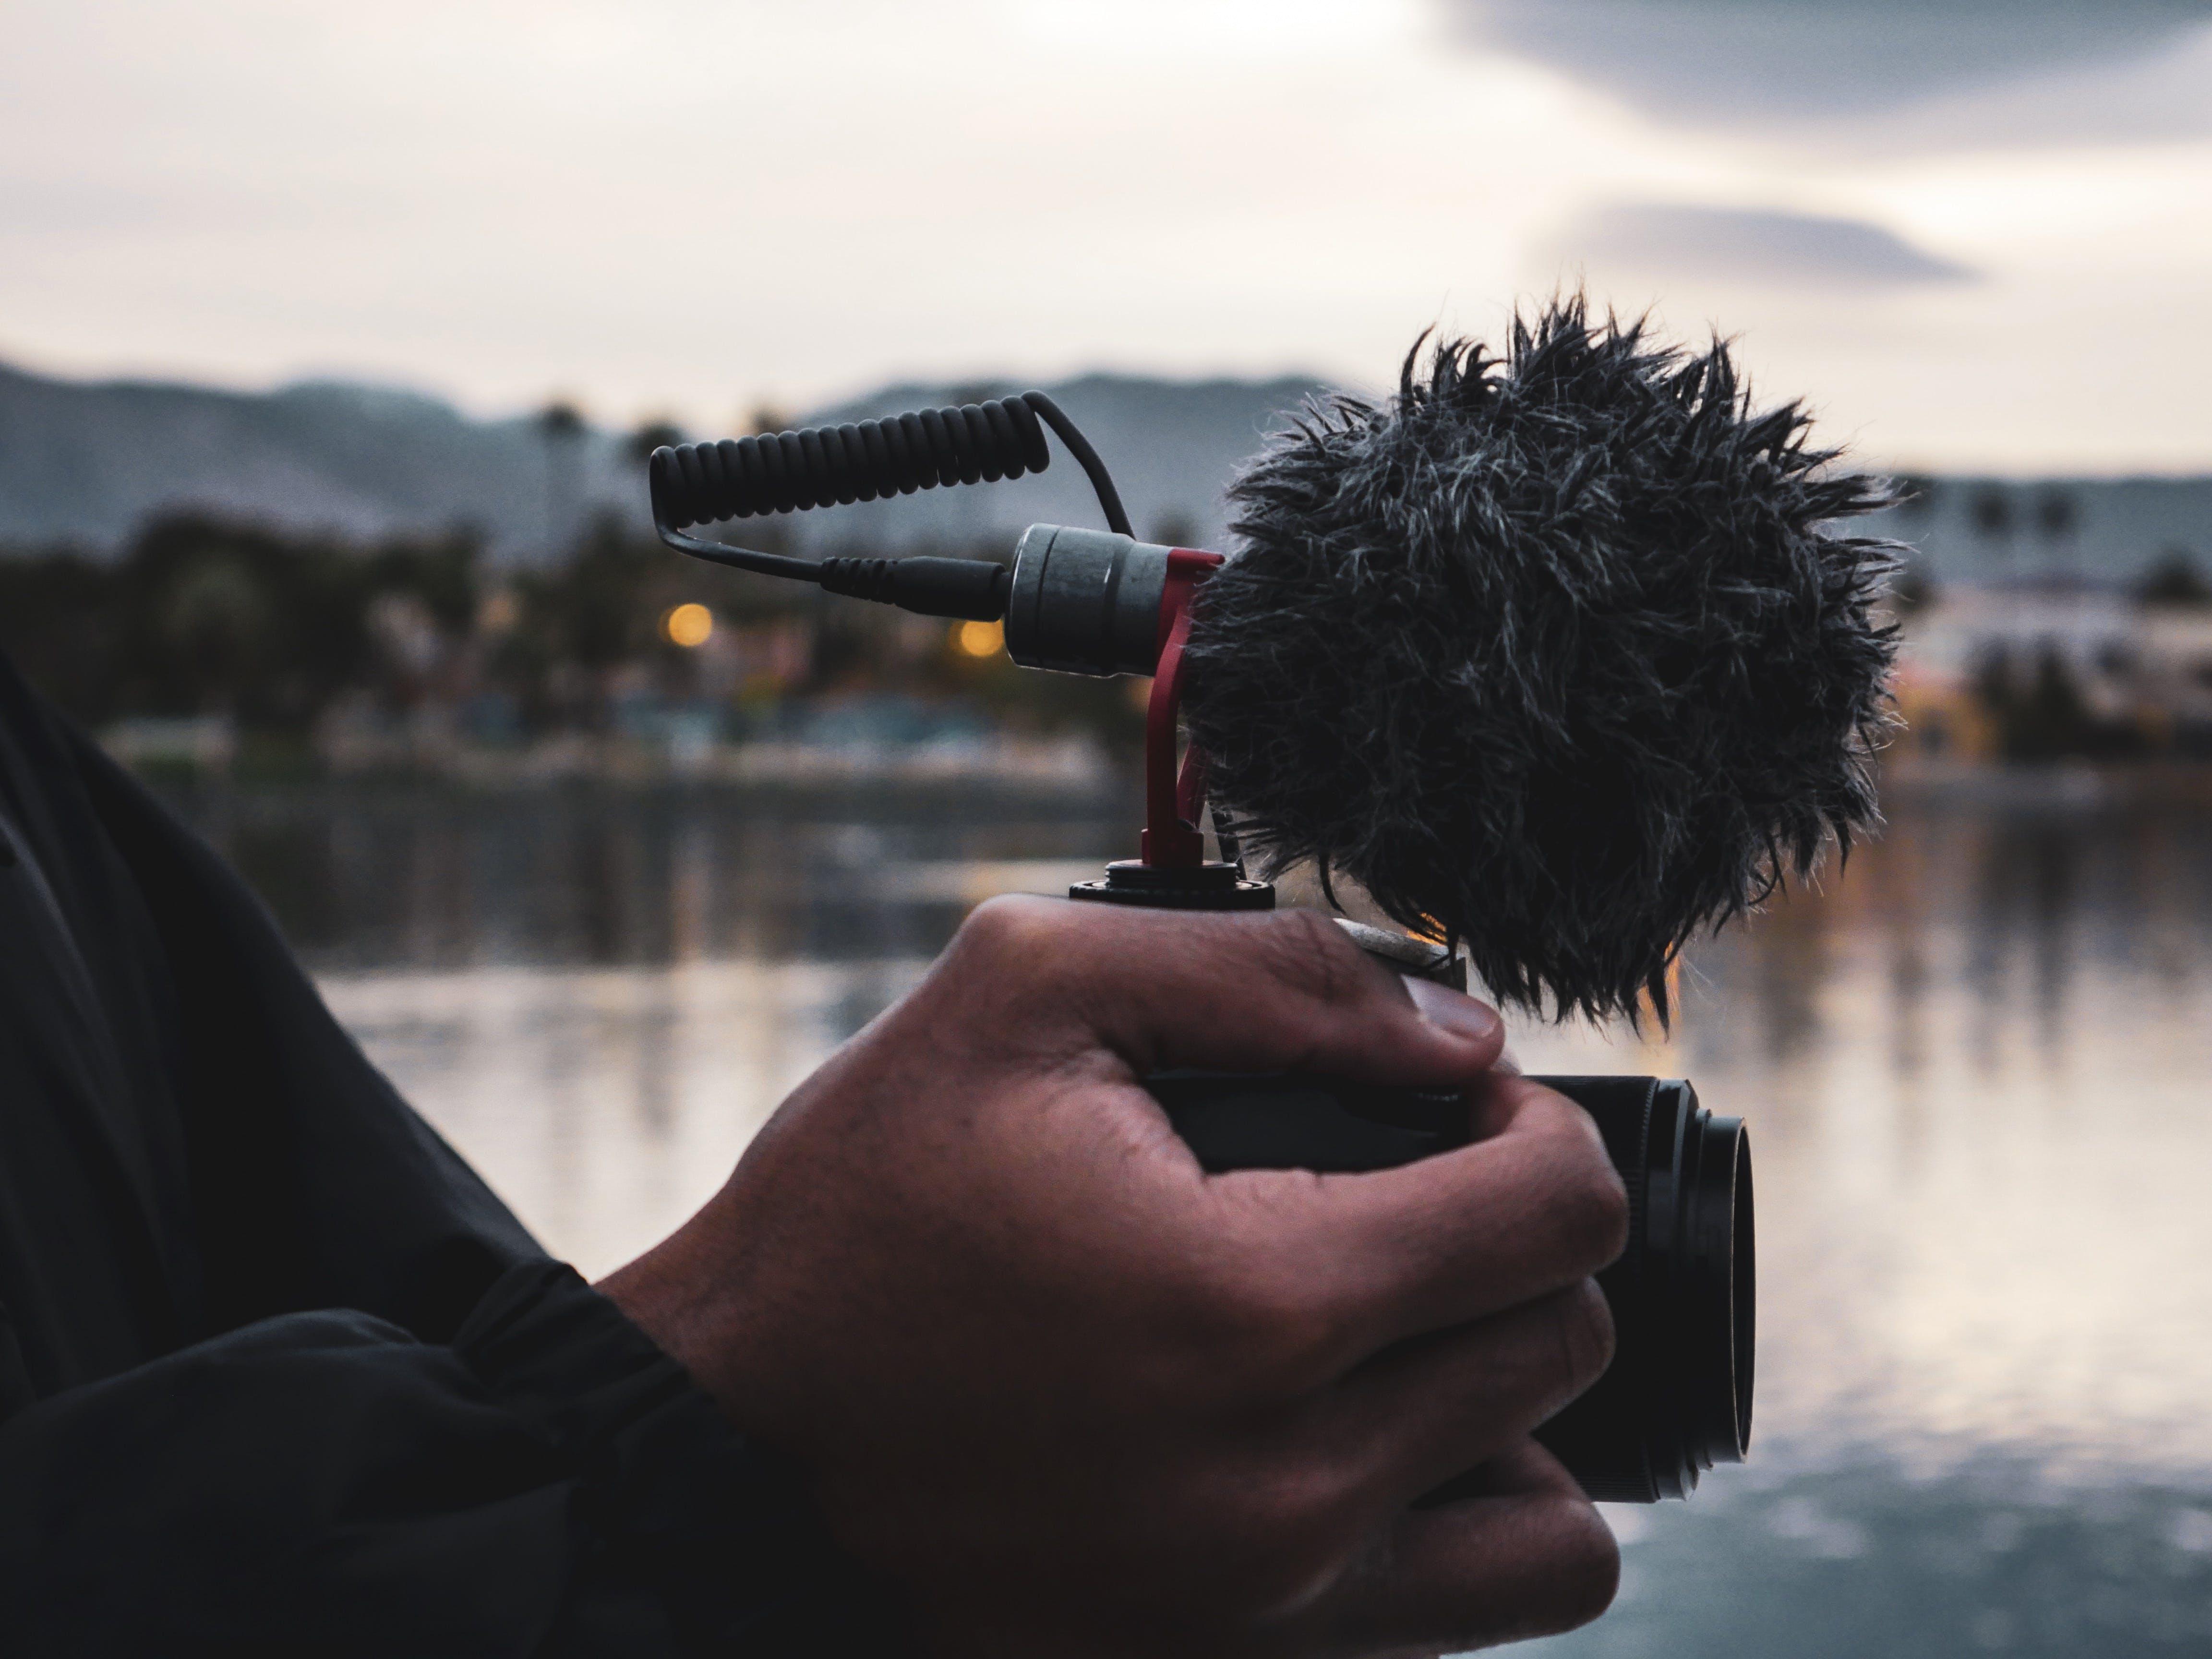 Gratis arkivbilde med fjell, hånd, kamera, landskap